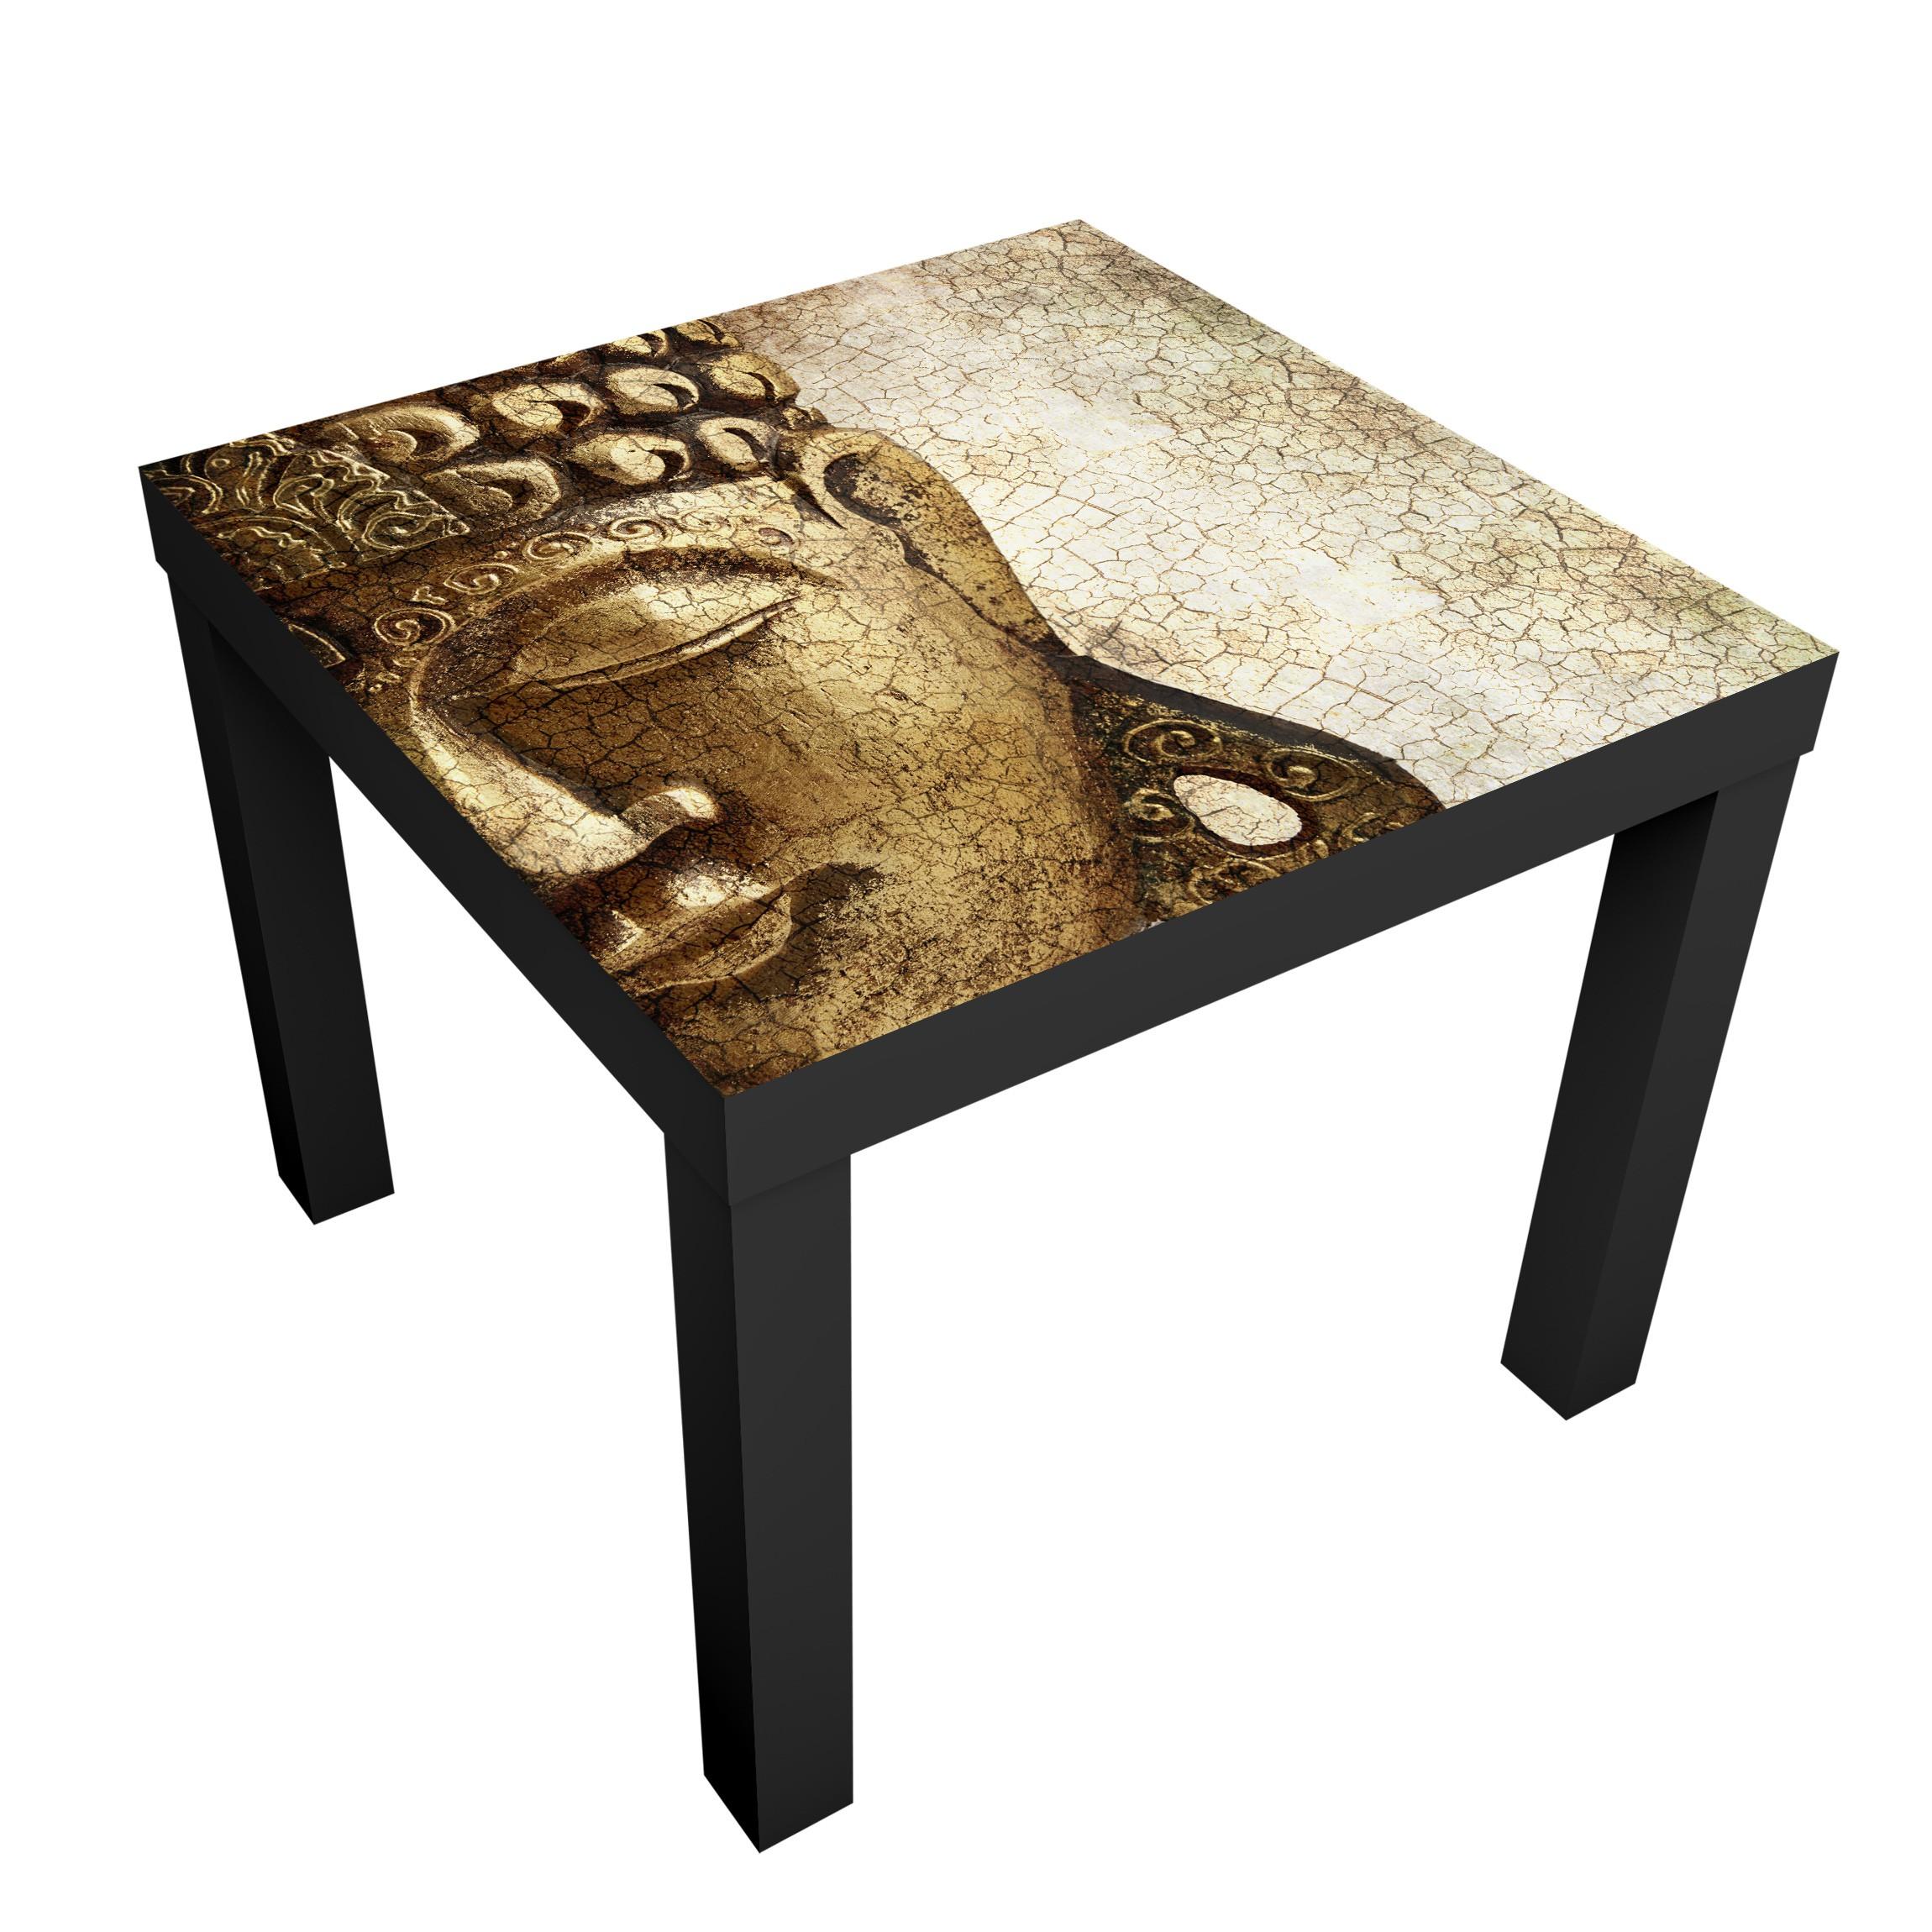 Carta adesiva per mobili ikea lack tavolino vintage buddha - Carta per coprire mobili ...